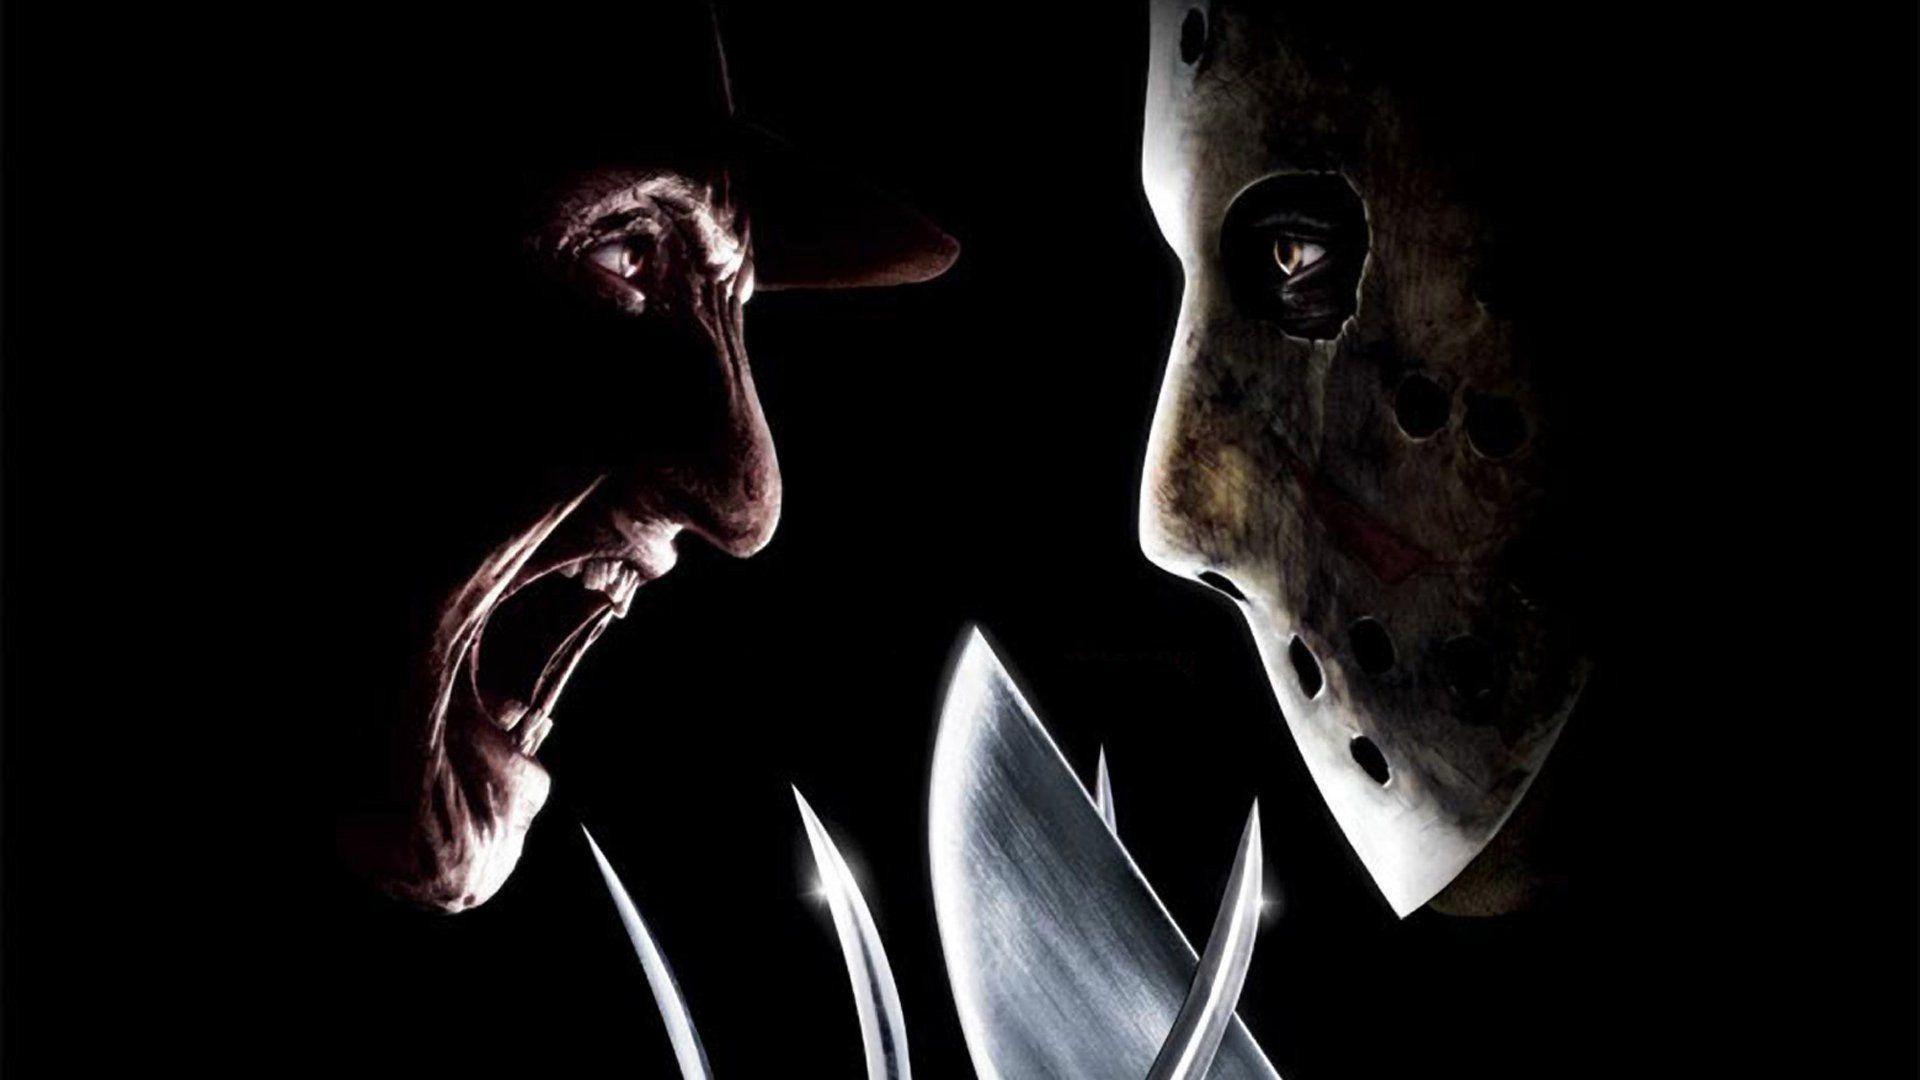 Res: 1920x1080, FRIDAY 13TH dark horror violence killer jason thriller .